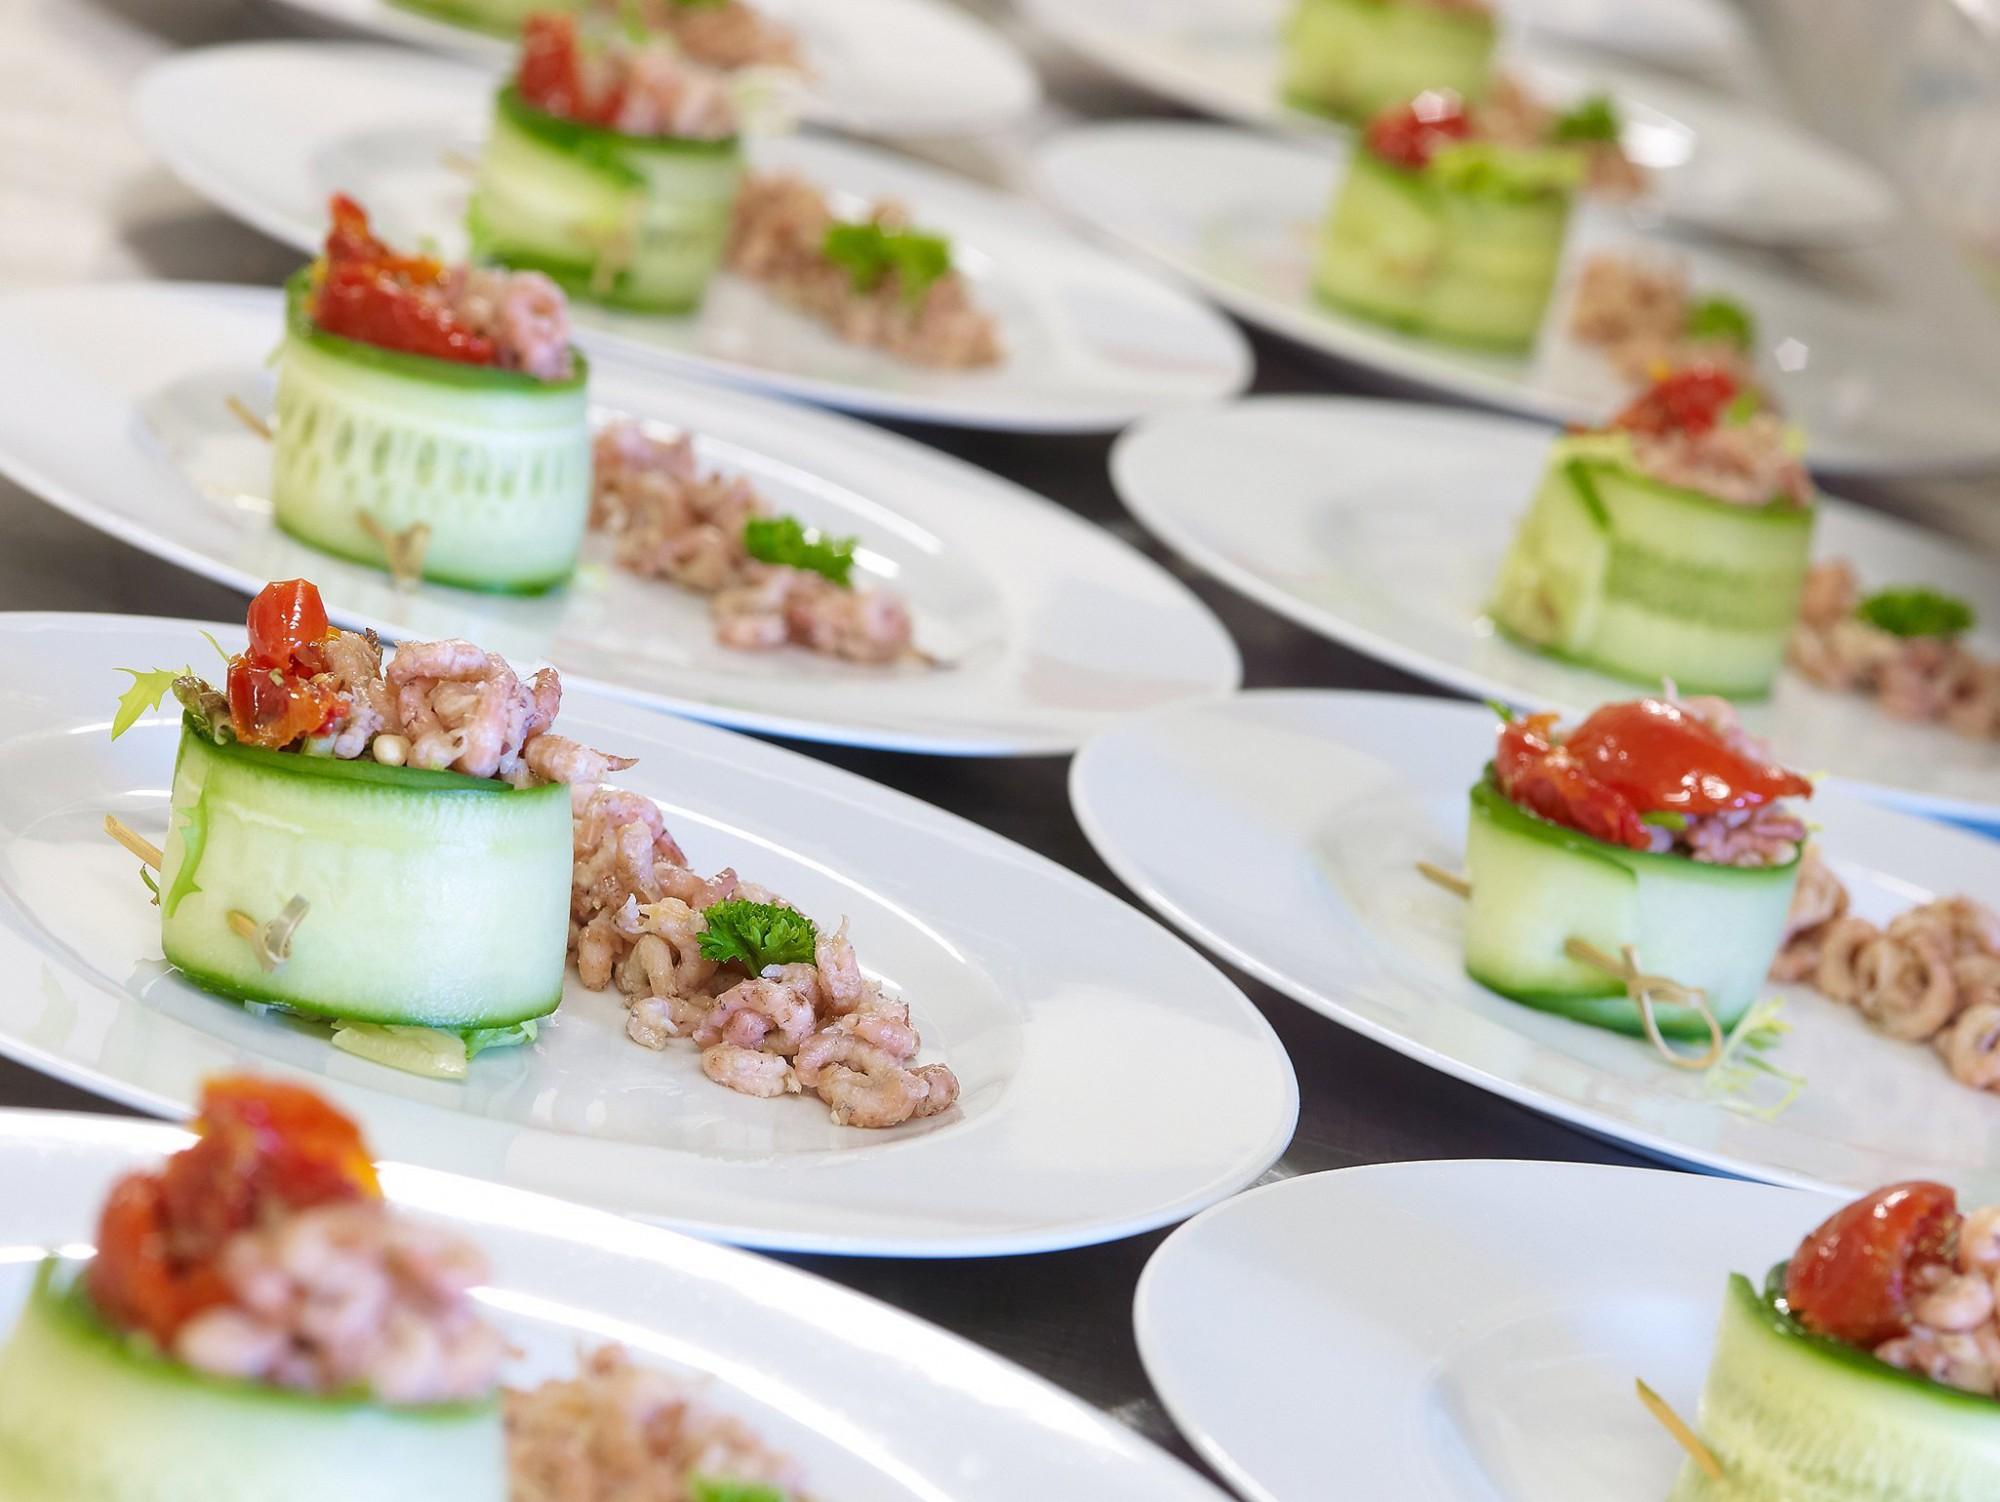 Afbeelding: Food fotografie voor Vandersmissen feestservice.